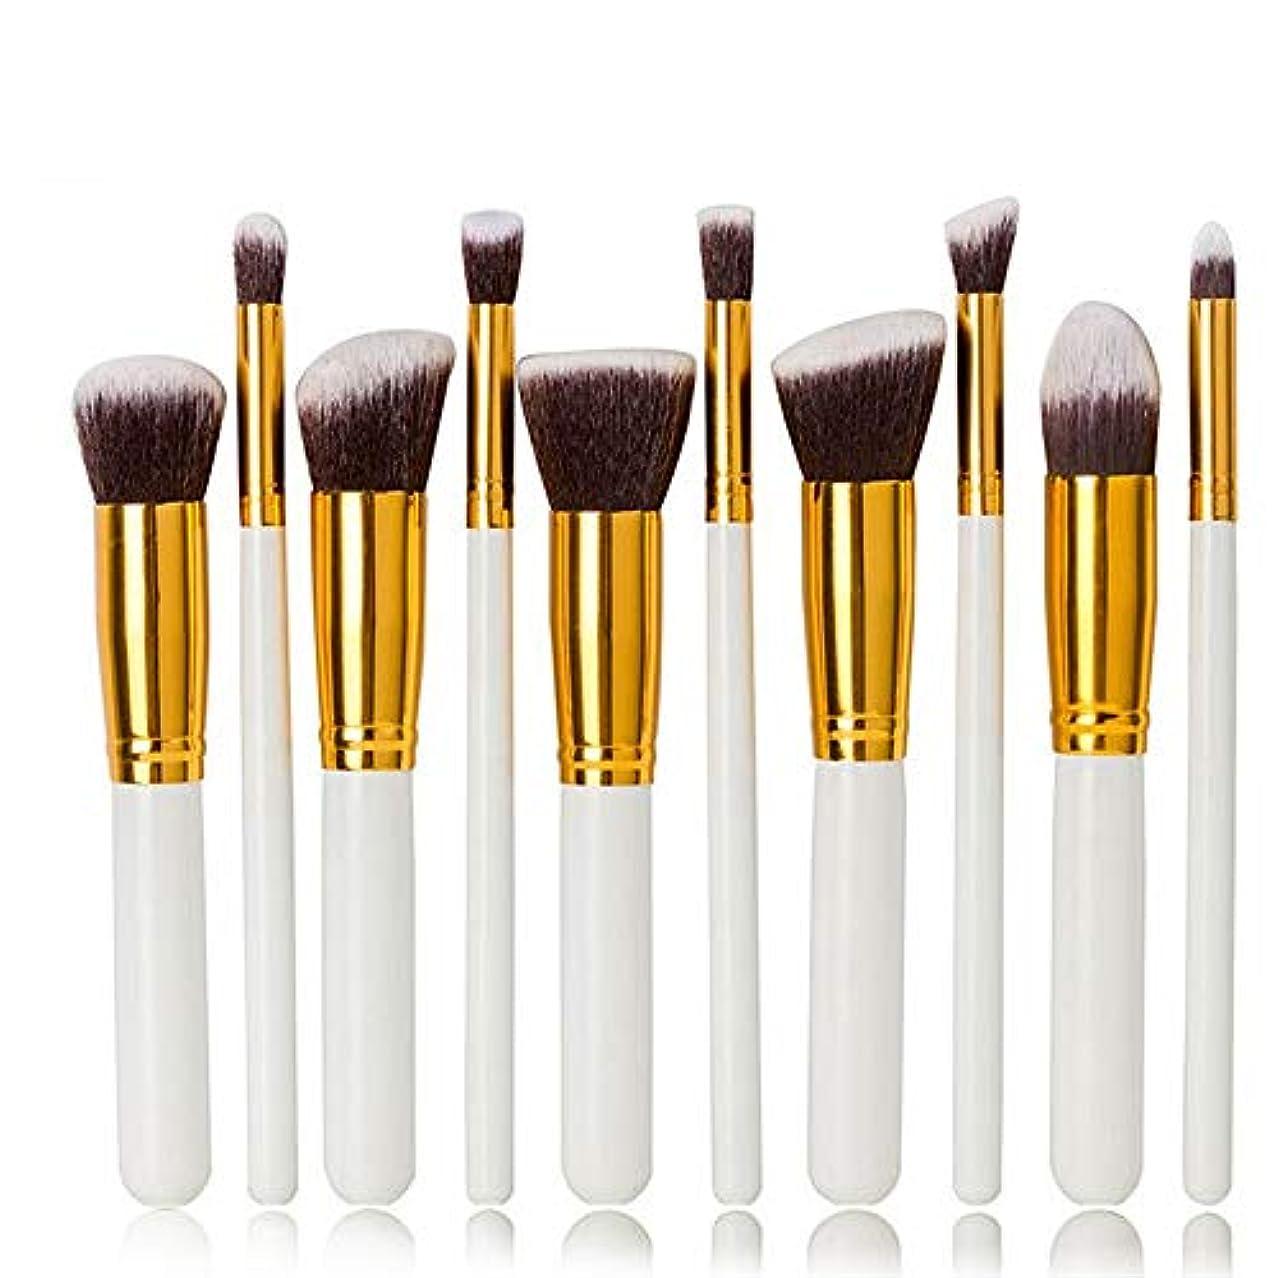 ボート輸送科学的Makeup brushes 10ピースホワイトメイクブラシセット革新的なリベラルパウダーブラシアイシャドウブラシコンターブラシ suits (Color : White)